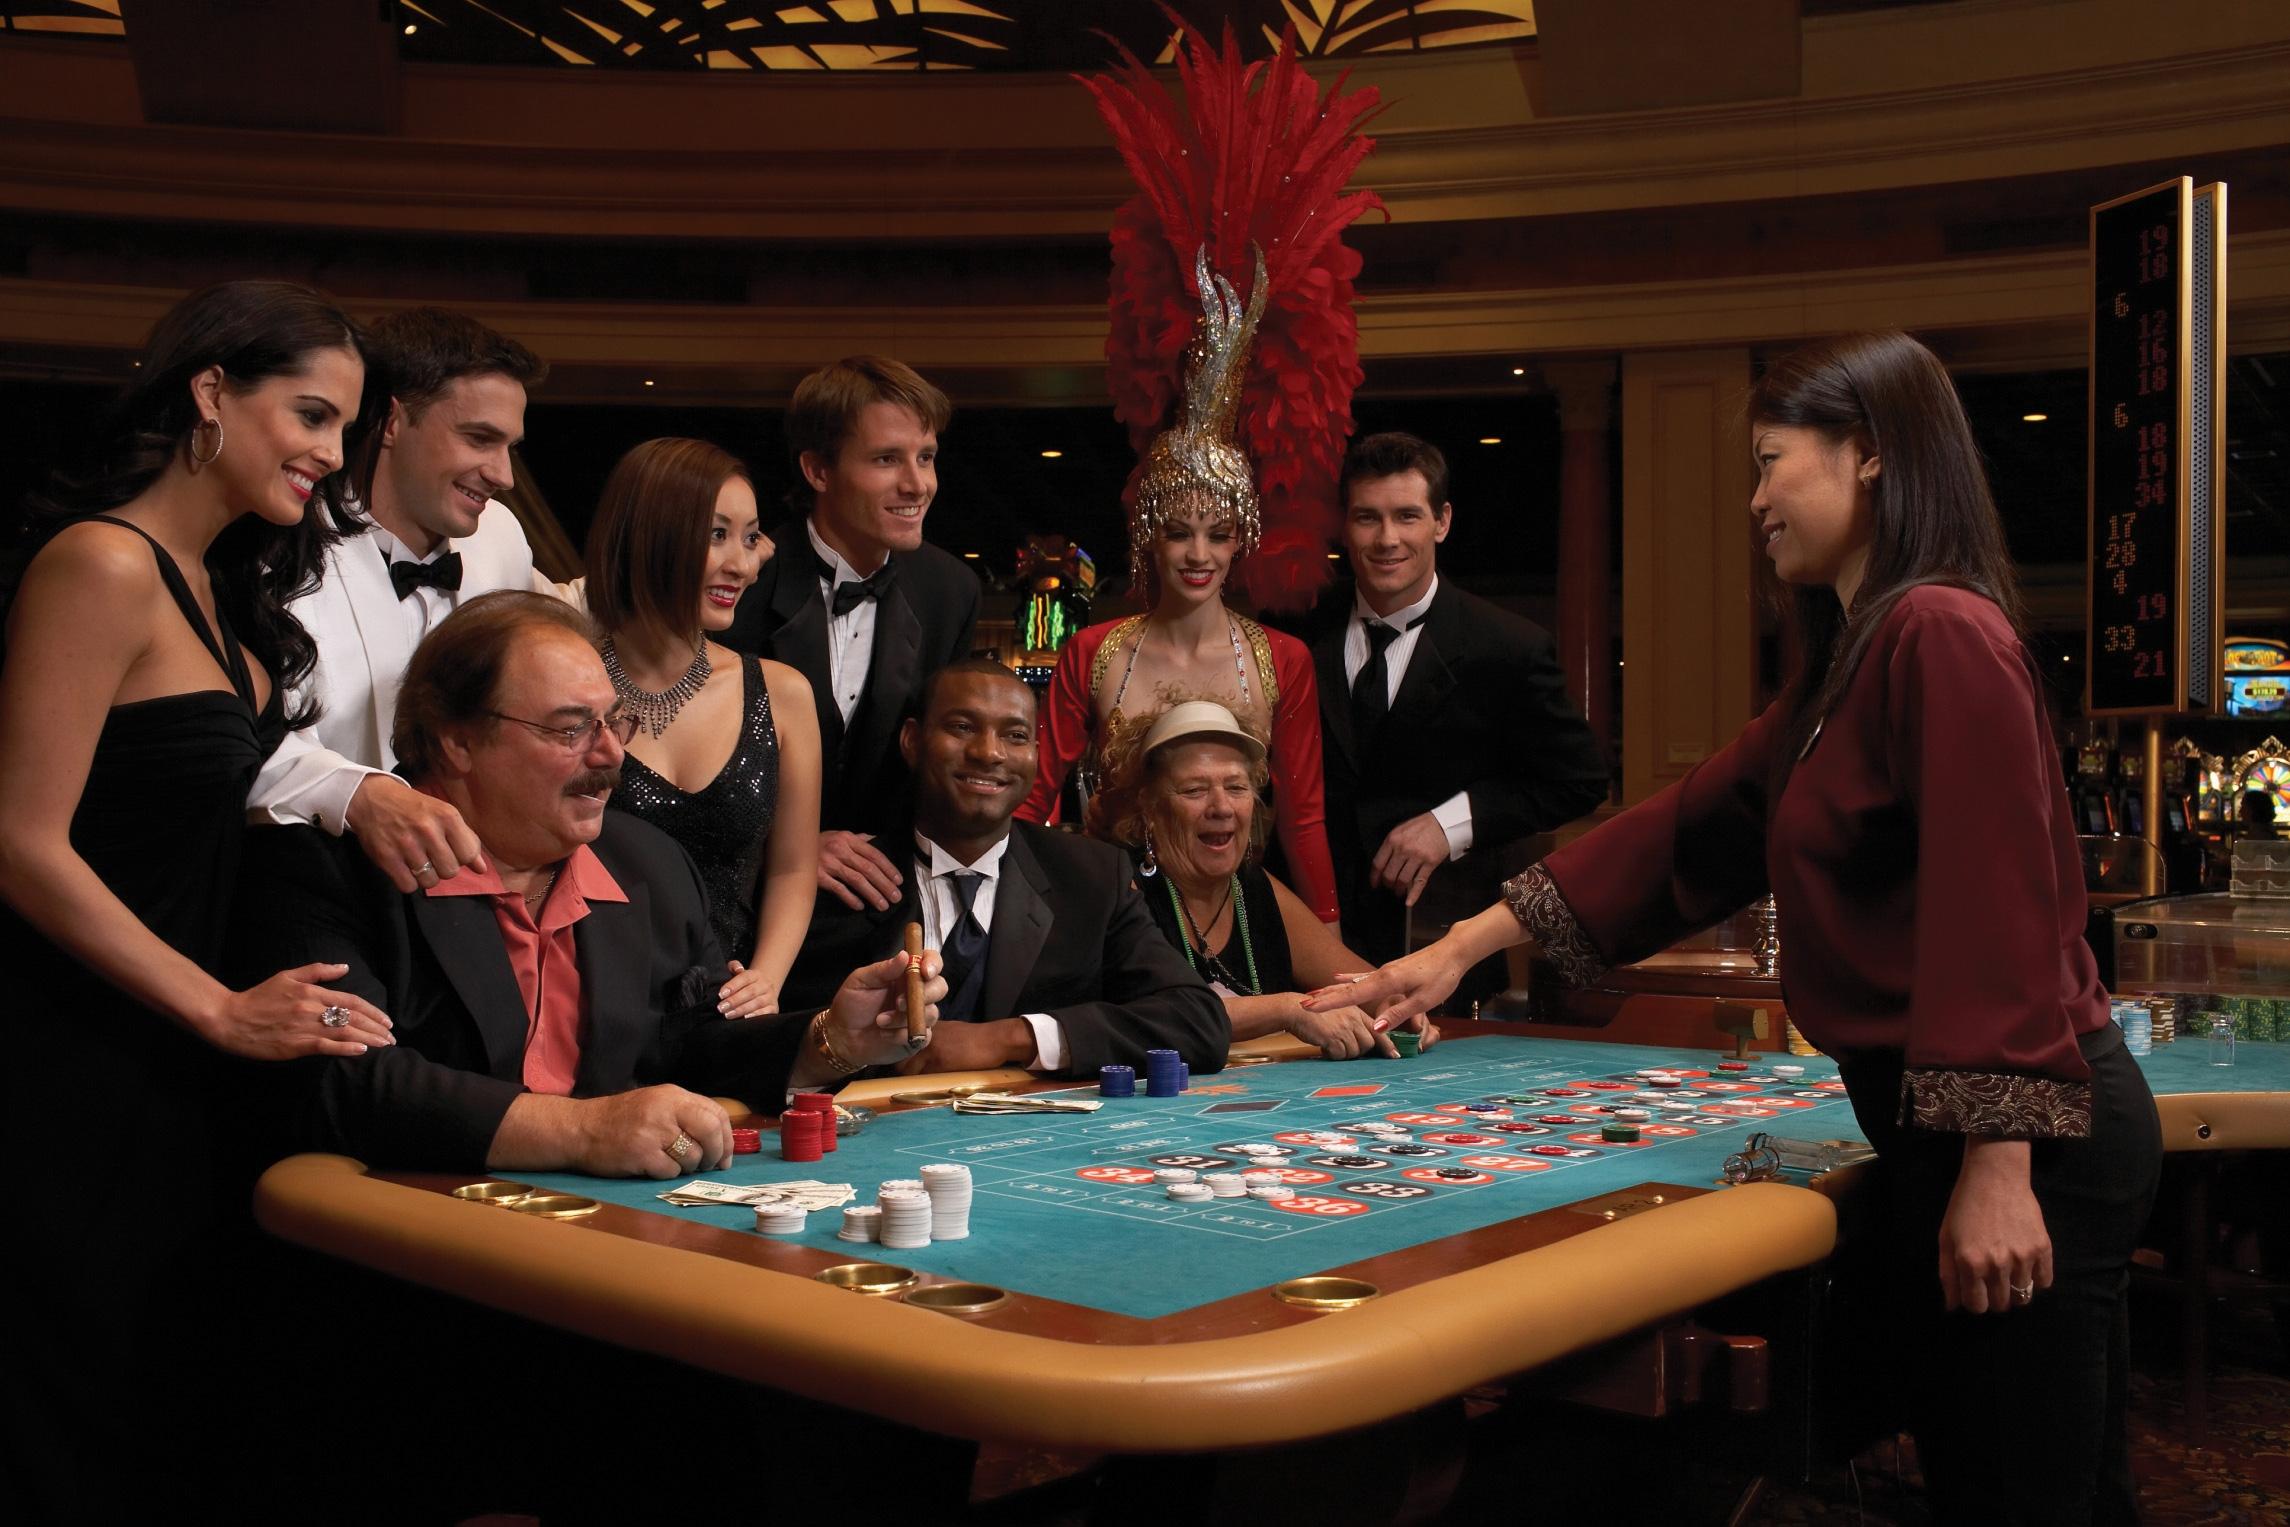 камерщики в казино